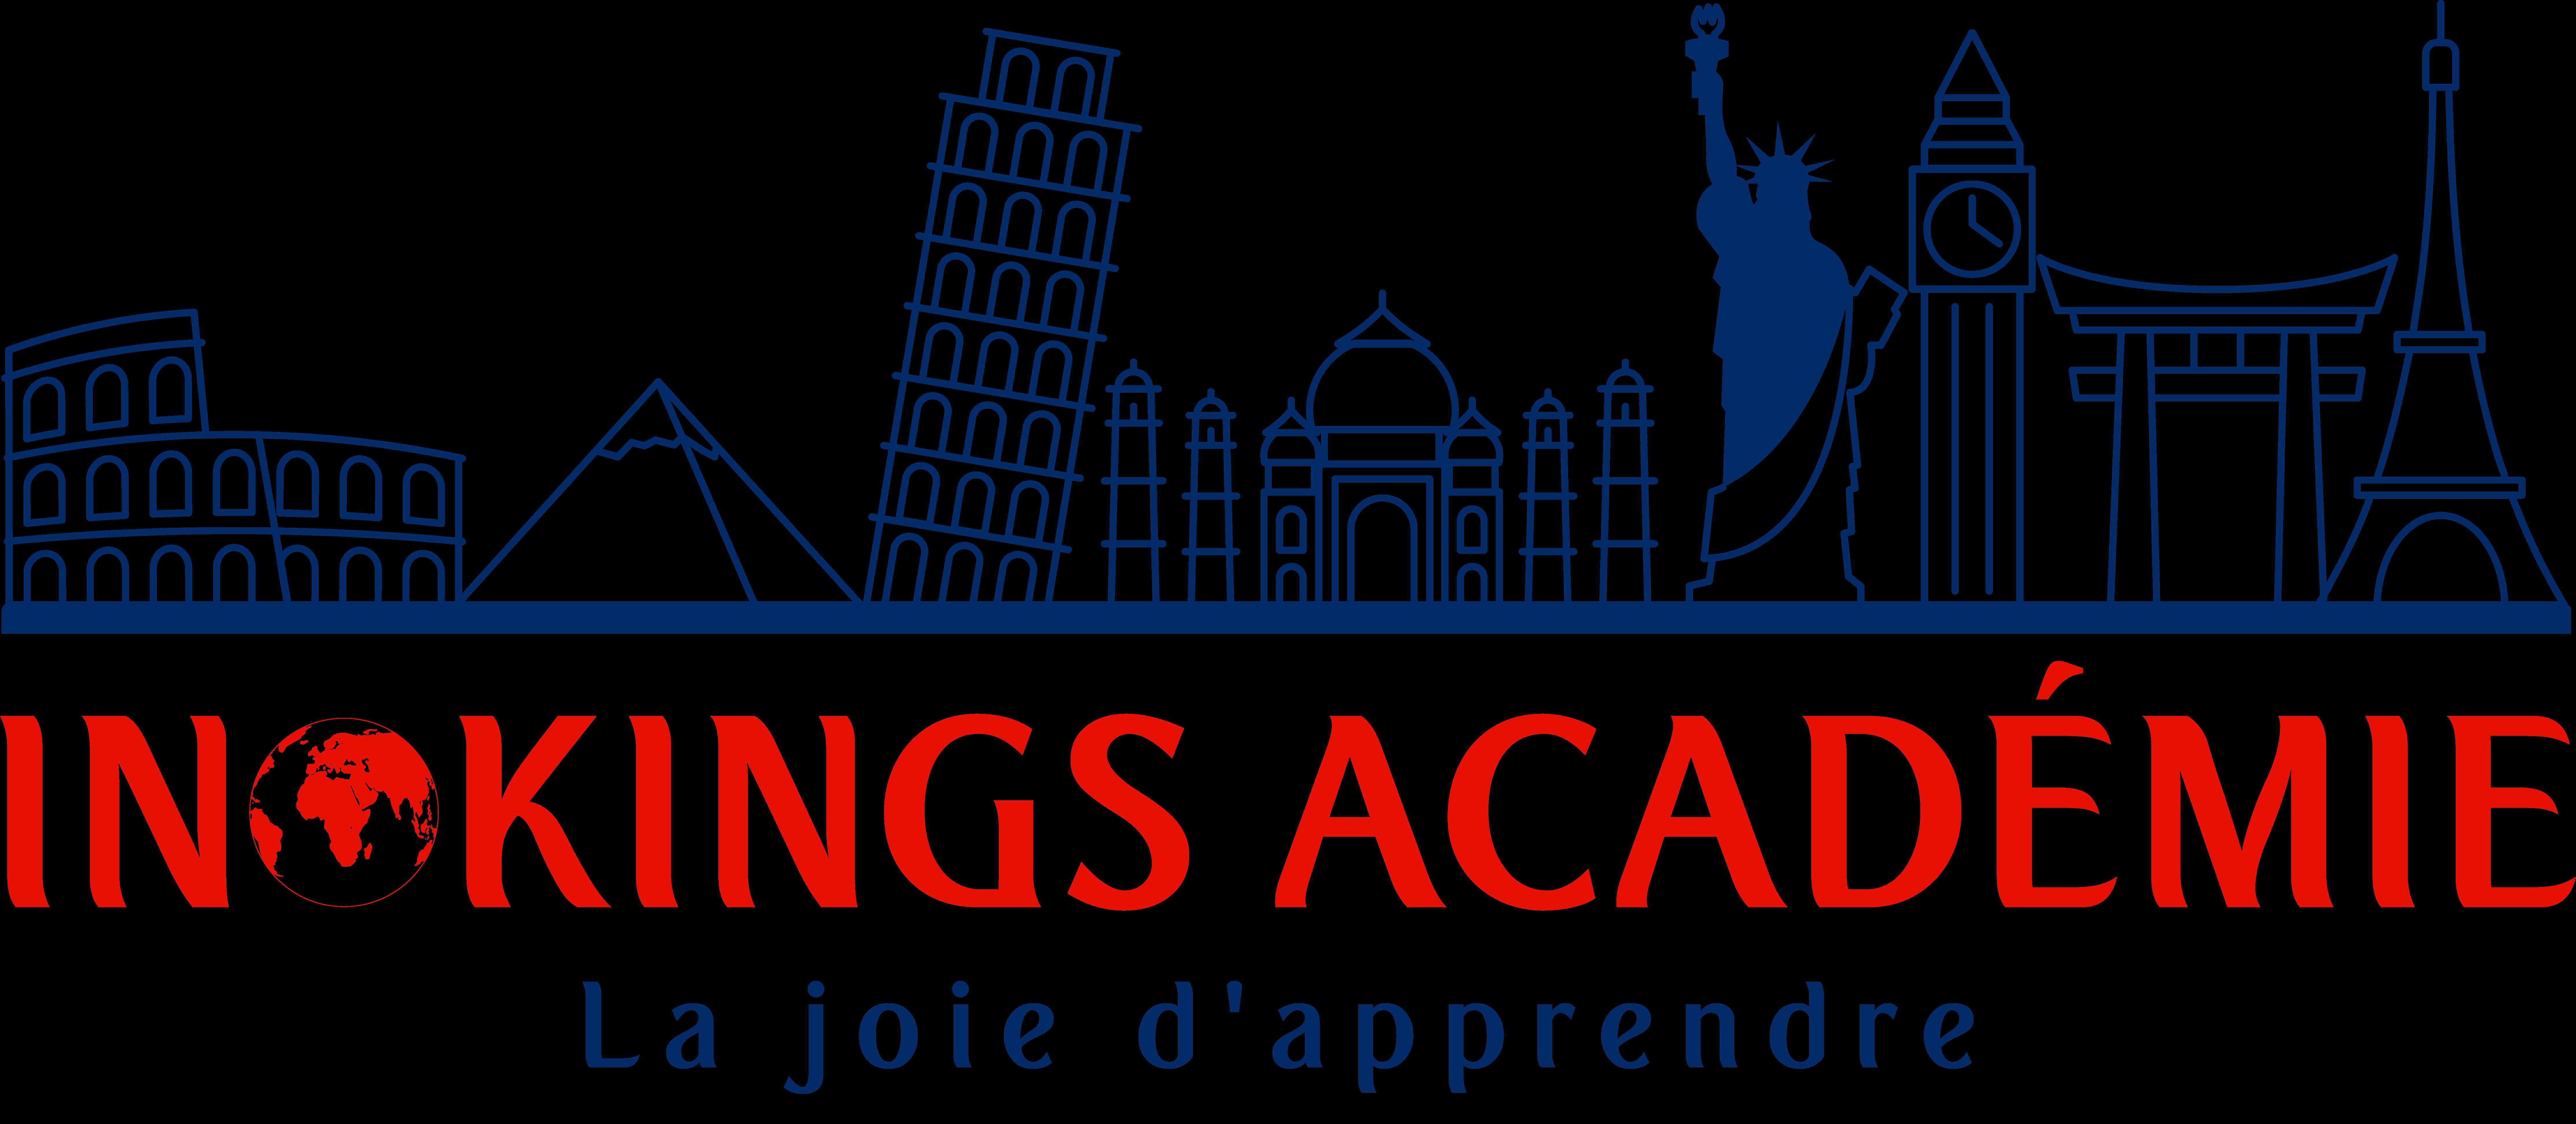 InoKings Academie